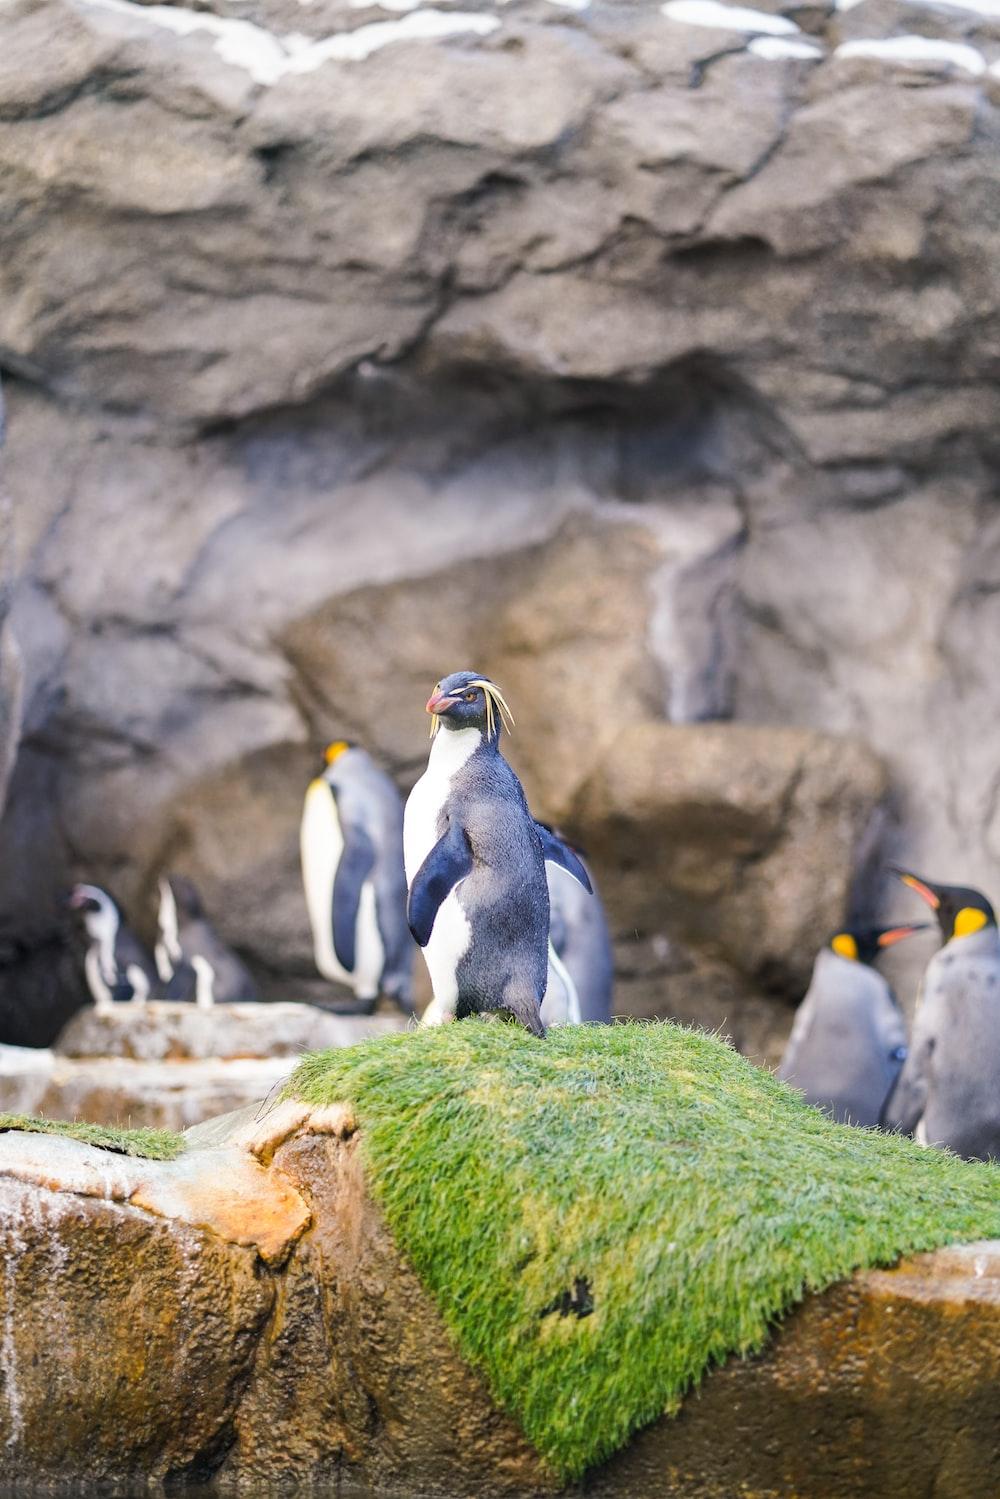 flock of penguin standing